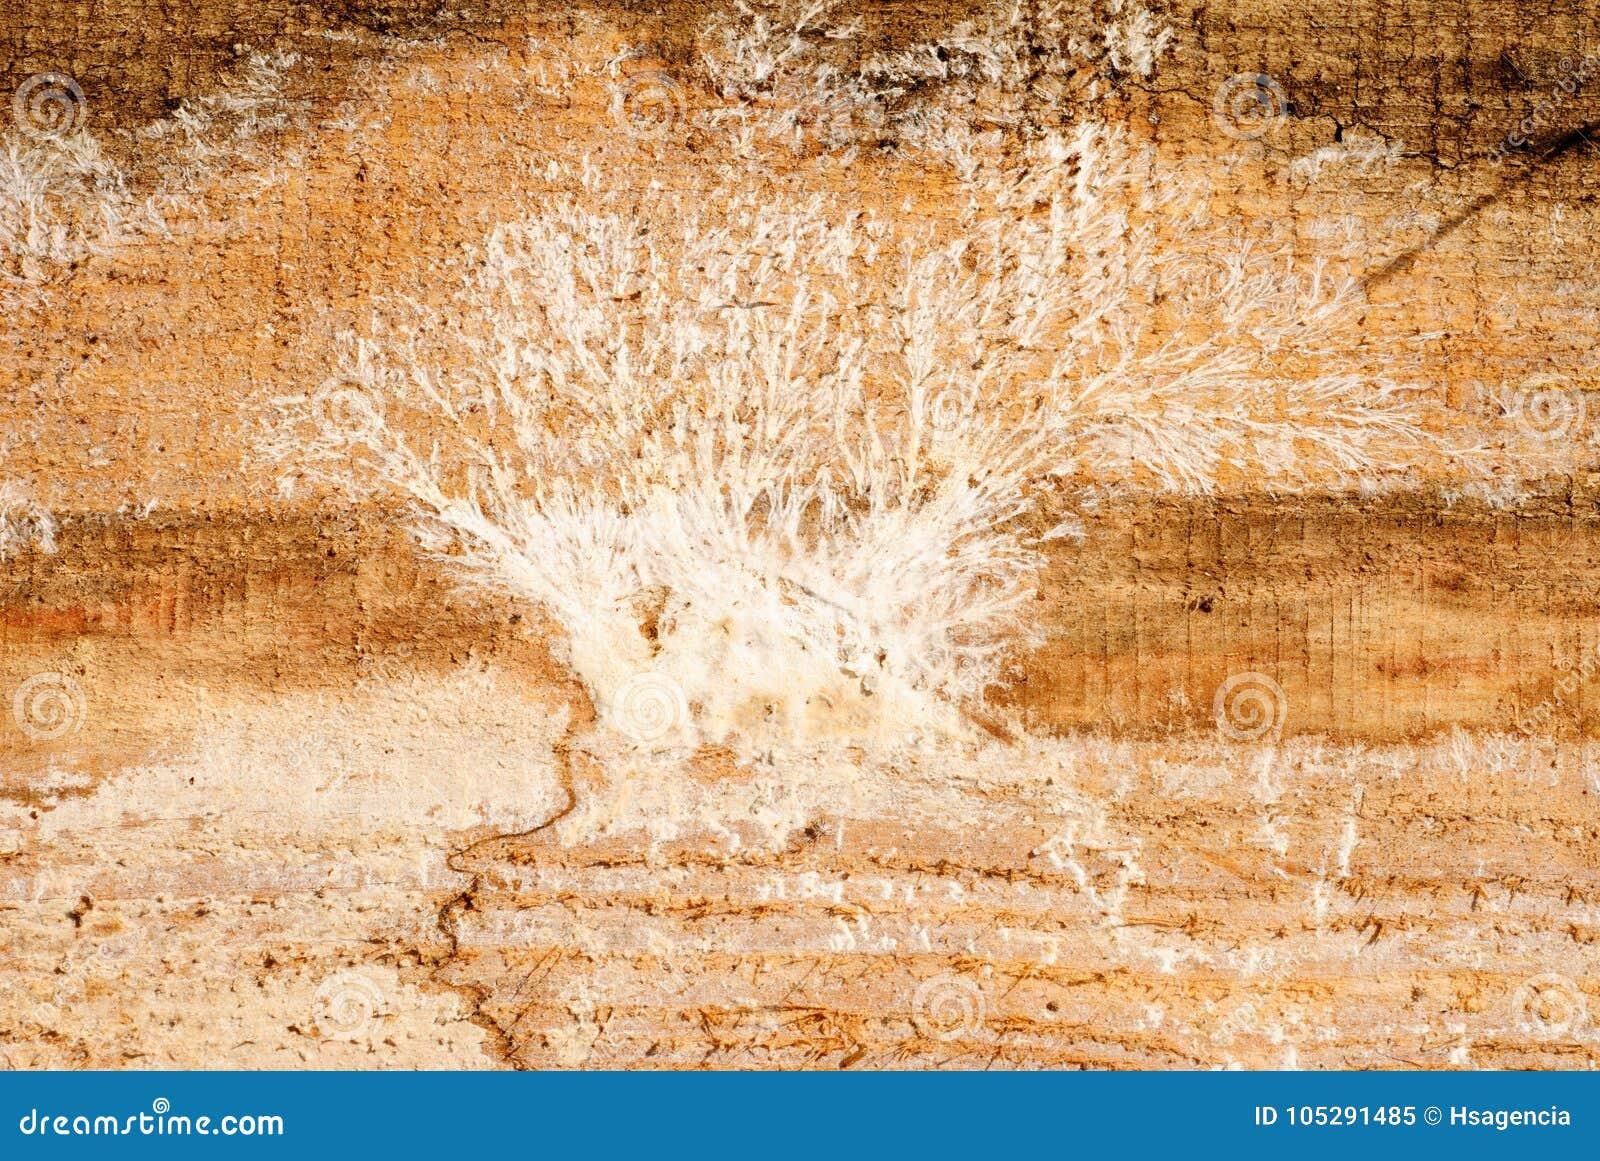 Muffa Bianca In Cantina muffa su un bordo di legno immagine stock. immagine di nuovo